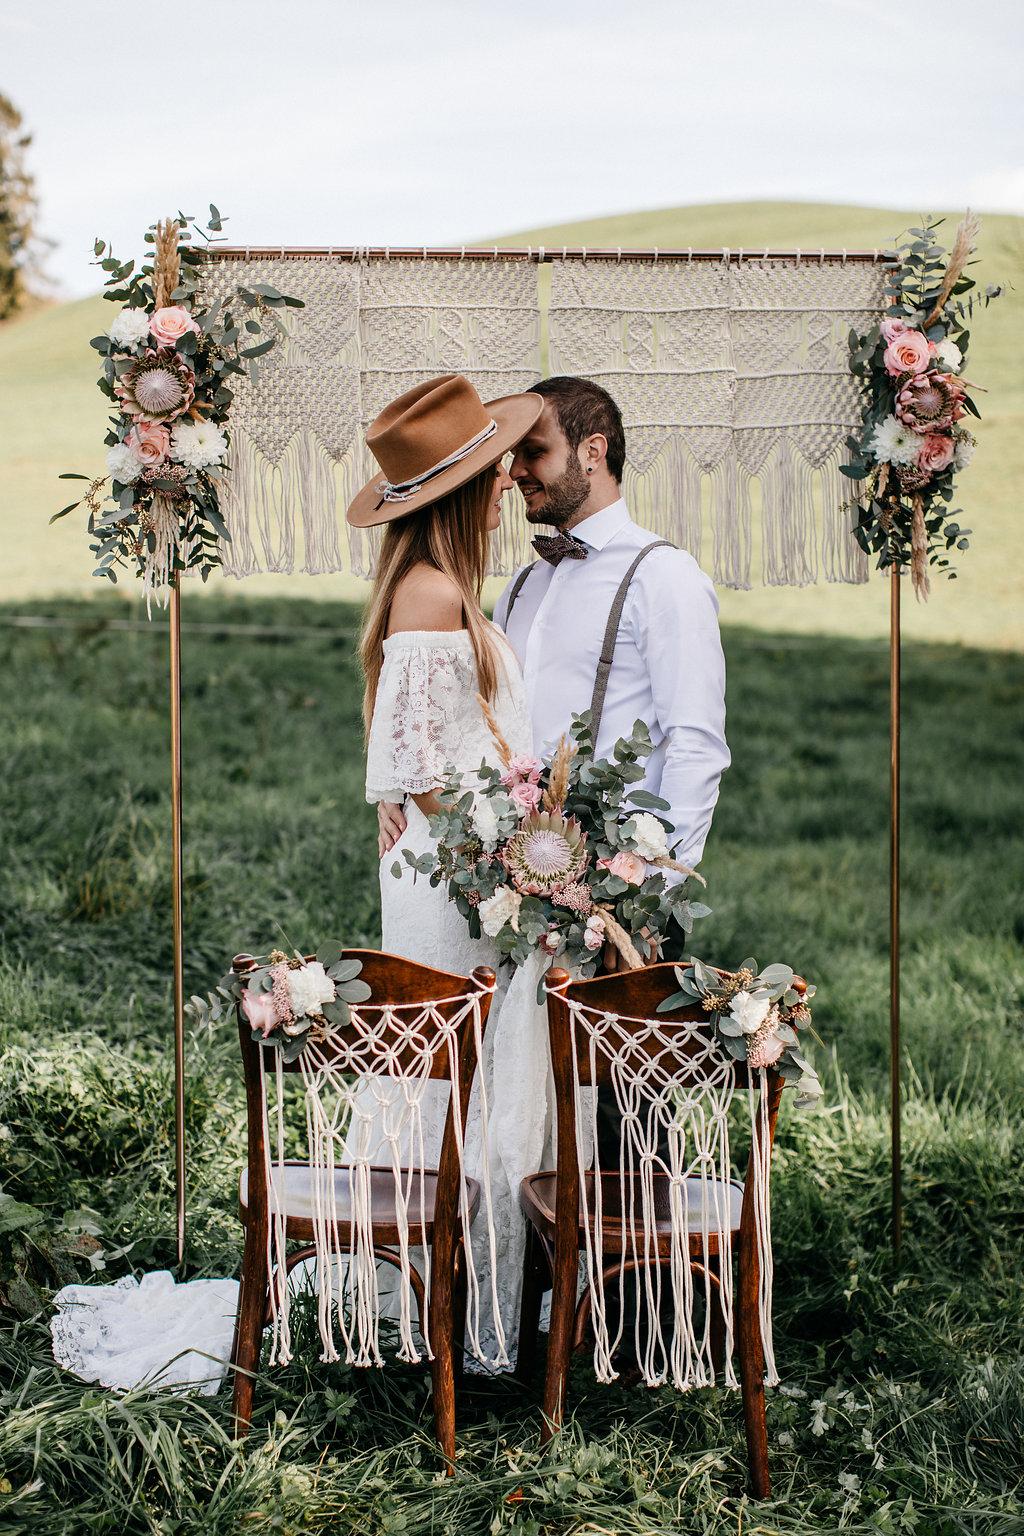 Traustühle Deko Ideen, Ideen Hochzeitsdeko Stühle, Hochzeitsdeko Stühle, Stühle dekoraieren, Hochzeitsdeko makramee